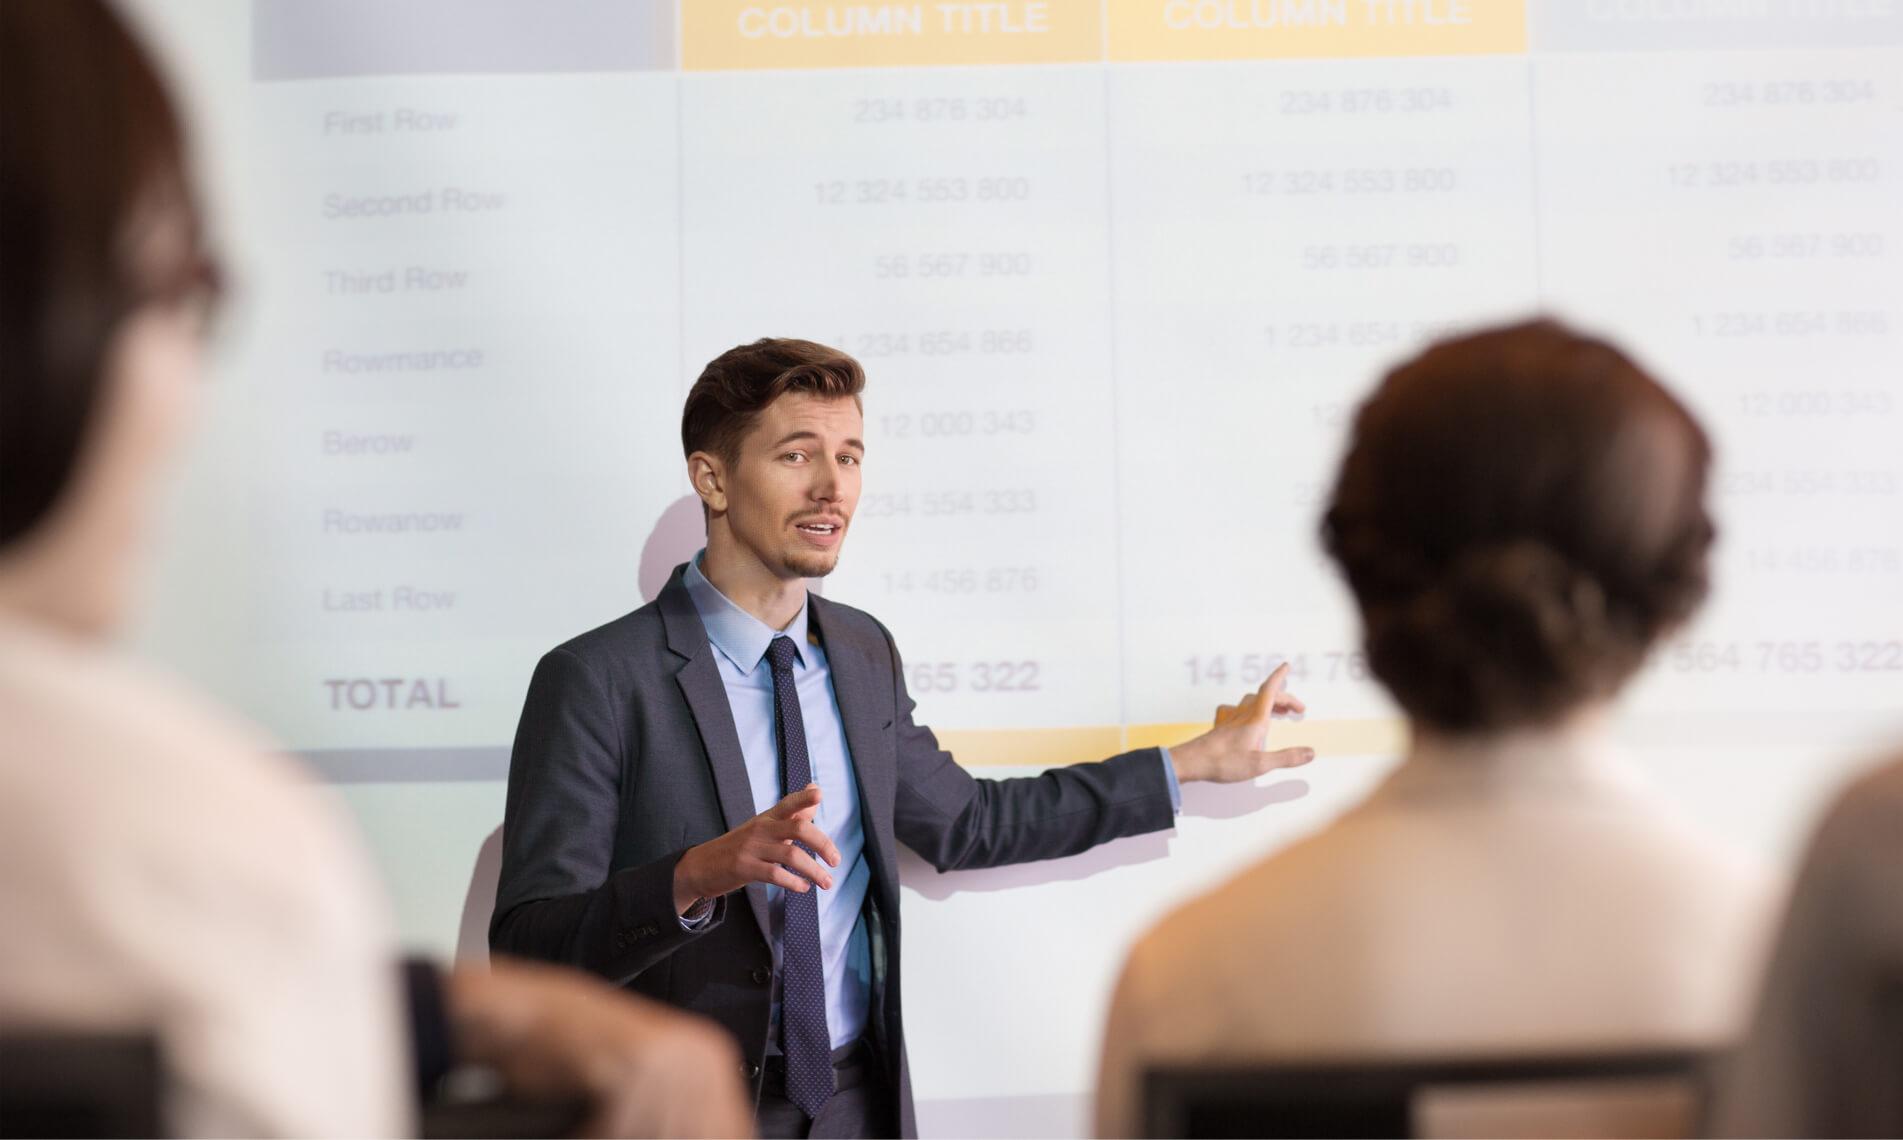 Satış Yönetimi Nedir? Satış Yönetiminin Önemi, Amacı ve Görevleri